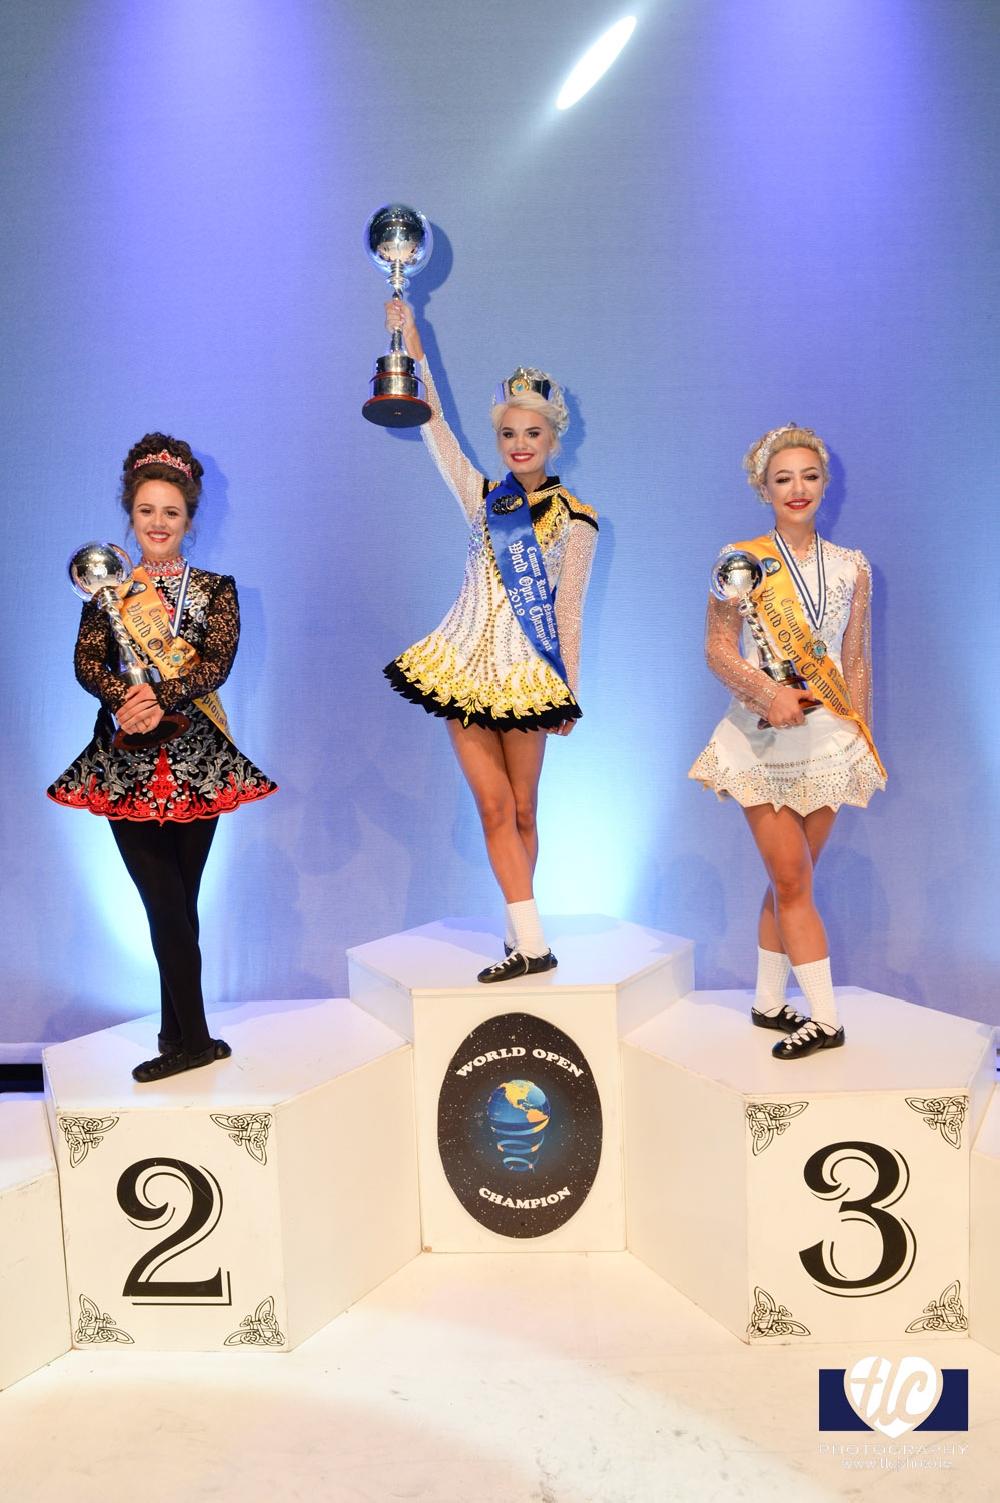 Ladies Under 20 Championship